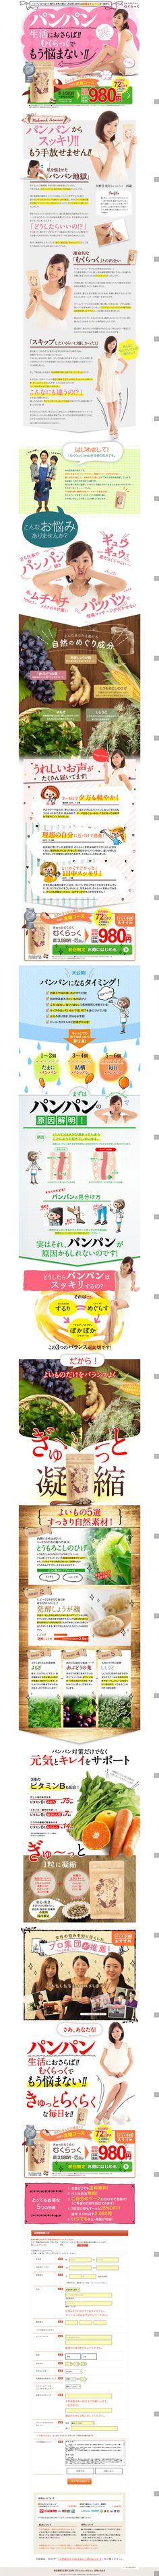 むくらっく【健康・美容食品関連】のLPデザイン。WEBデザイナーさん必見!ランディングページのデザイン参考に(かわいい系)